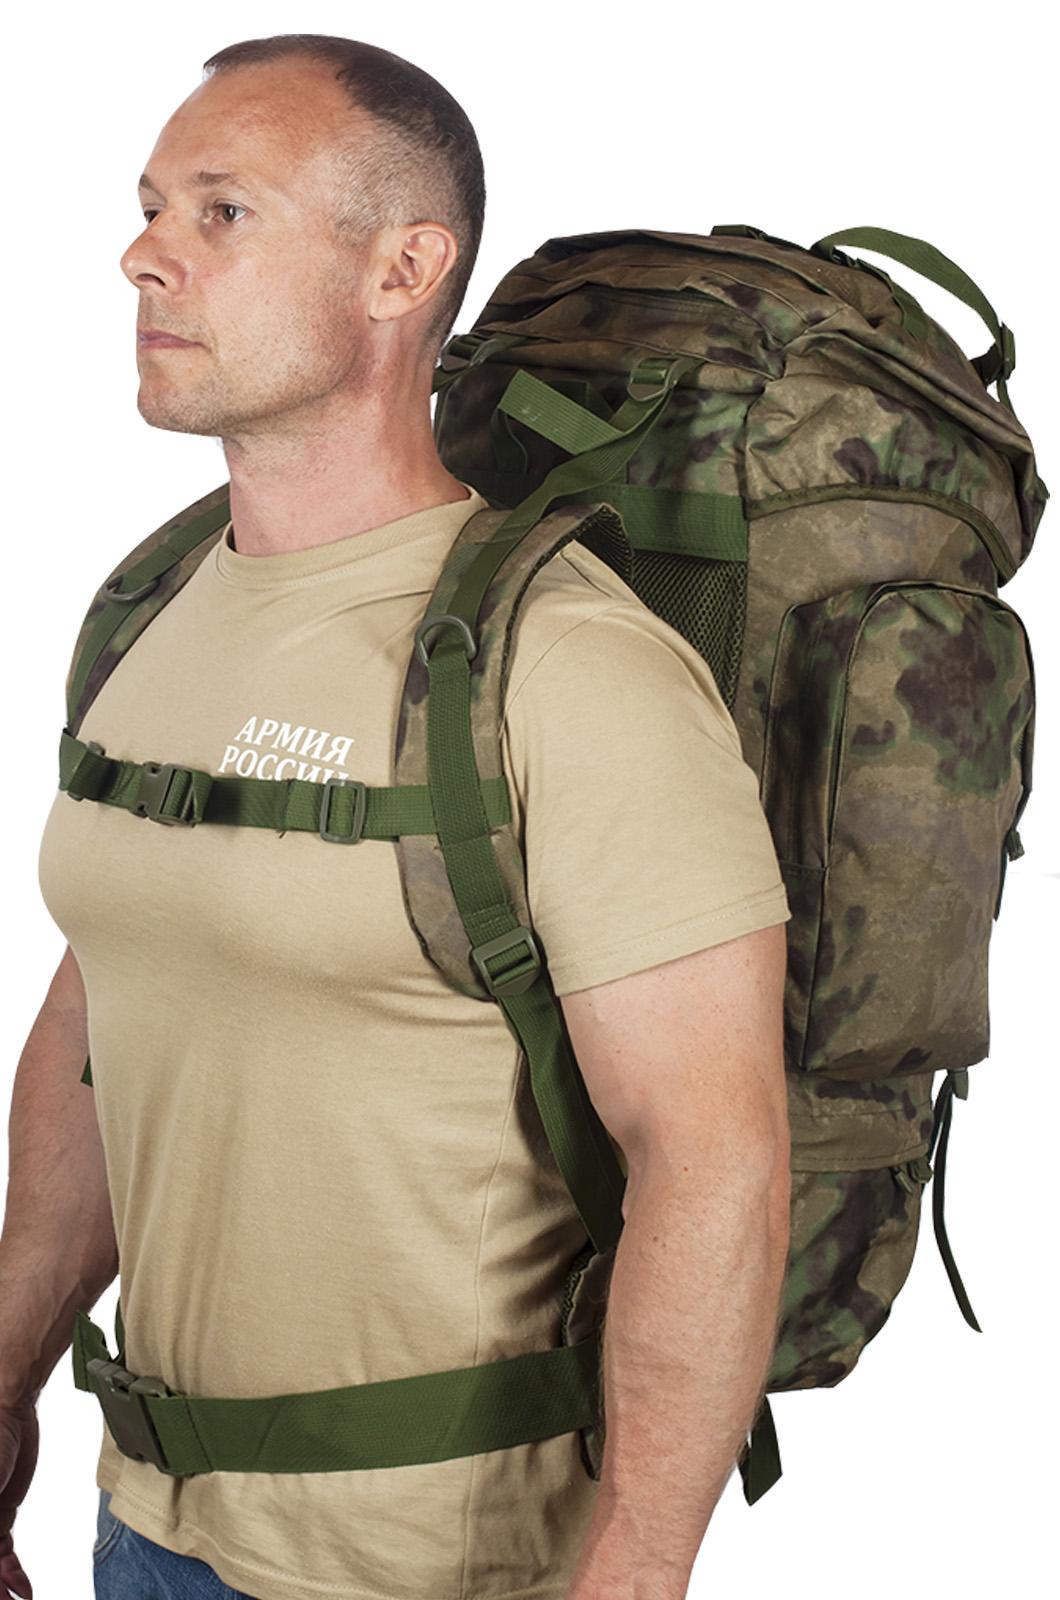 Походный эргономичный ранец-рюкзак с нашивкой Полиция России - купить в подарок